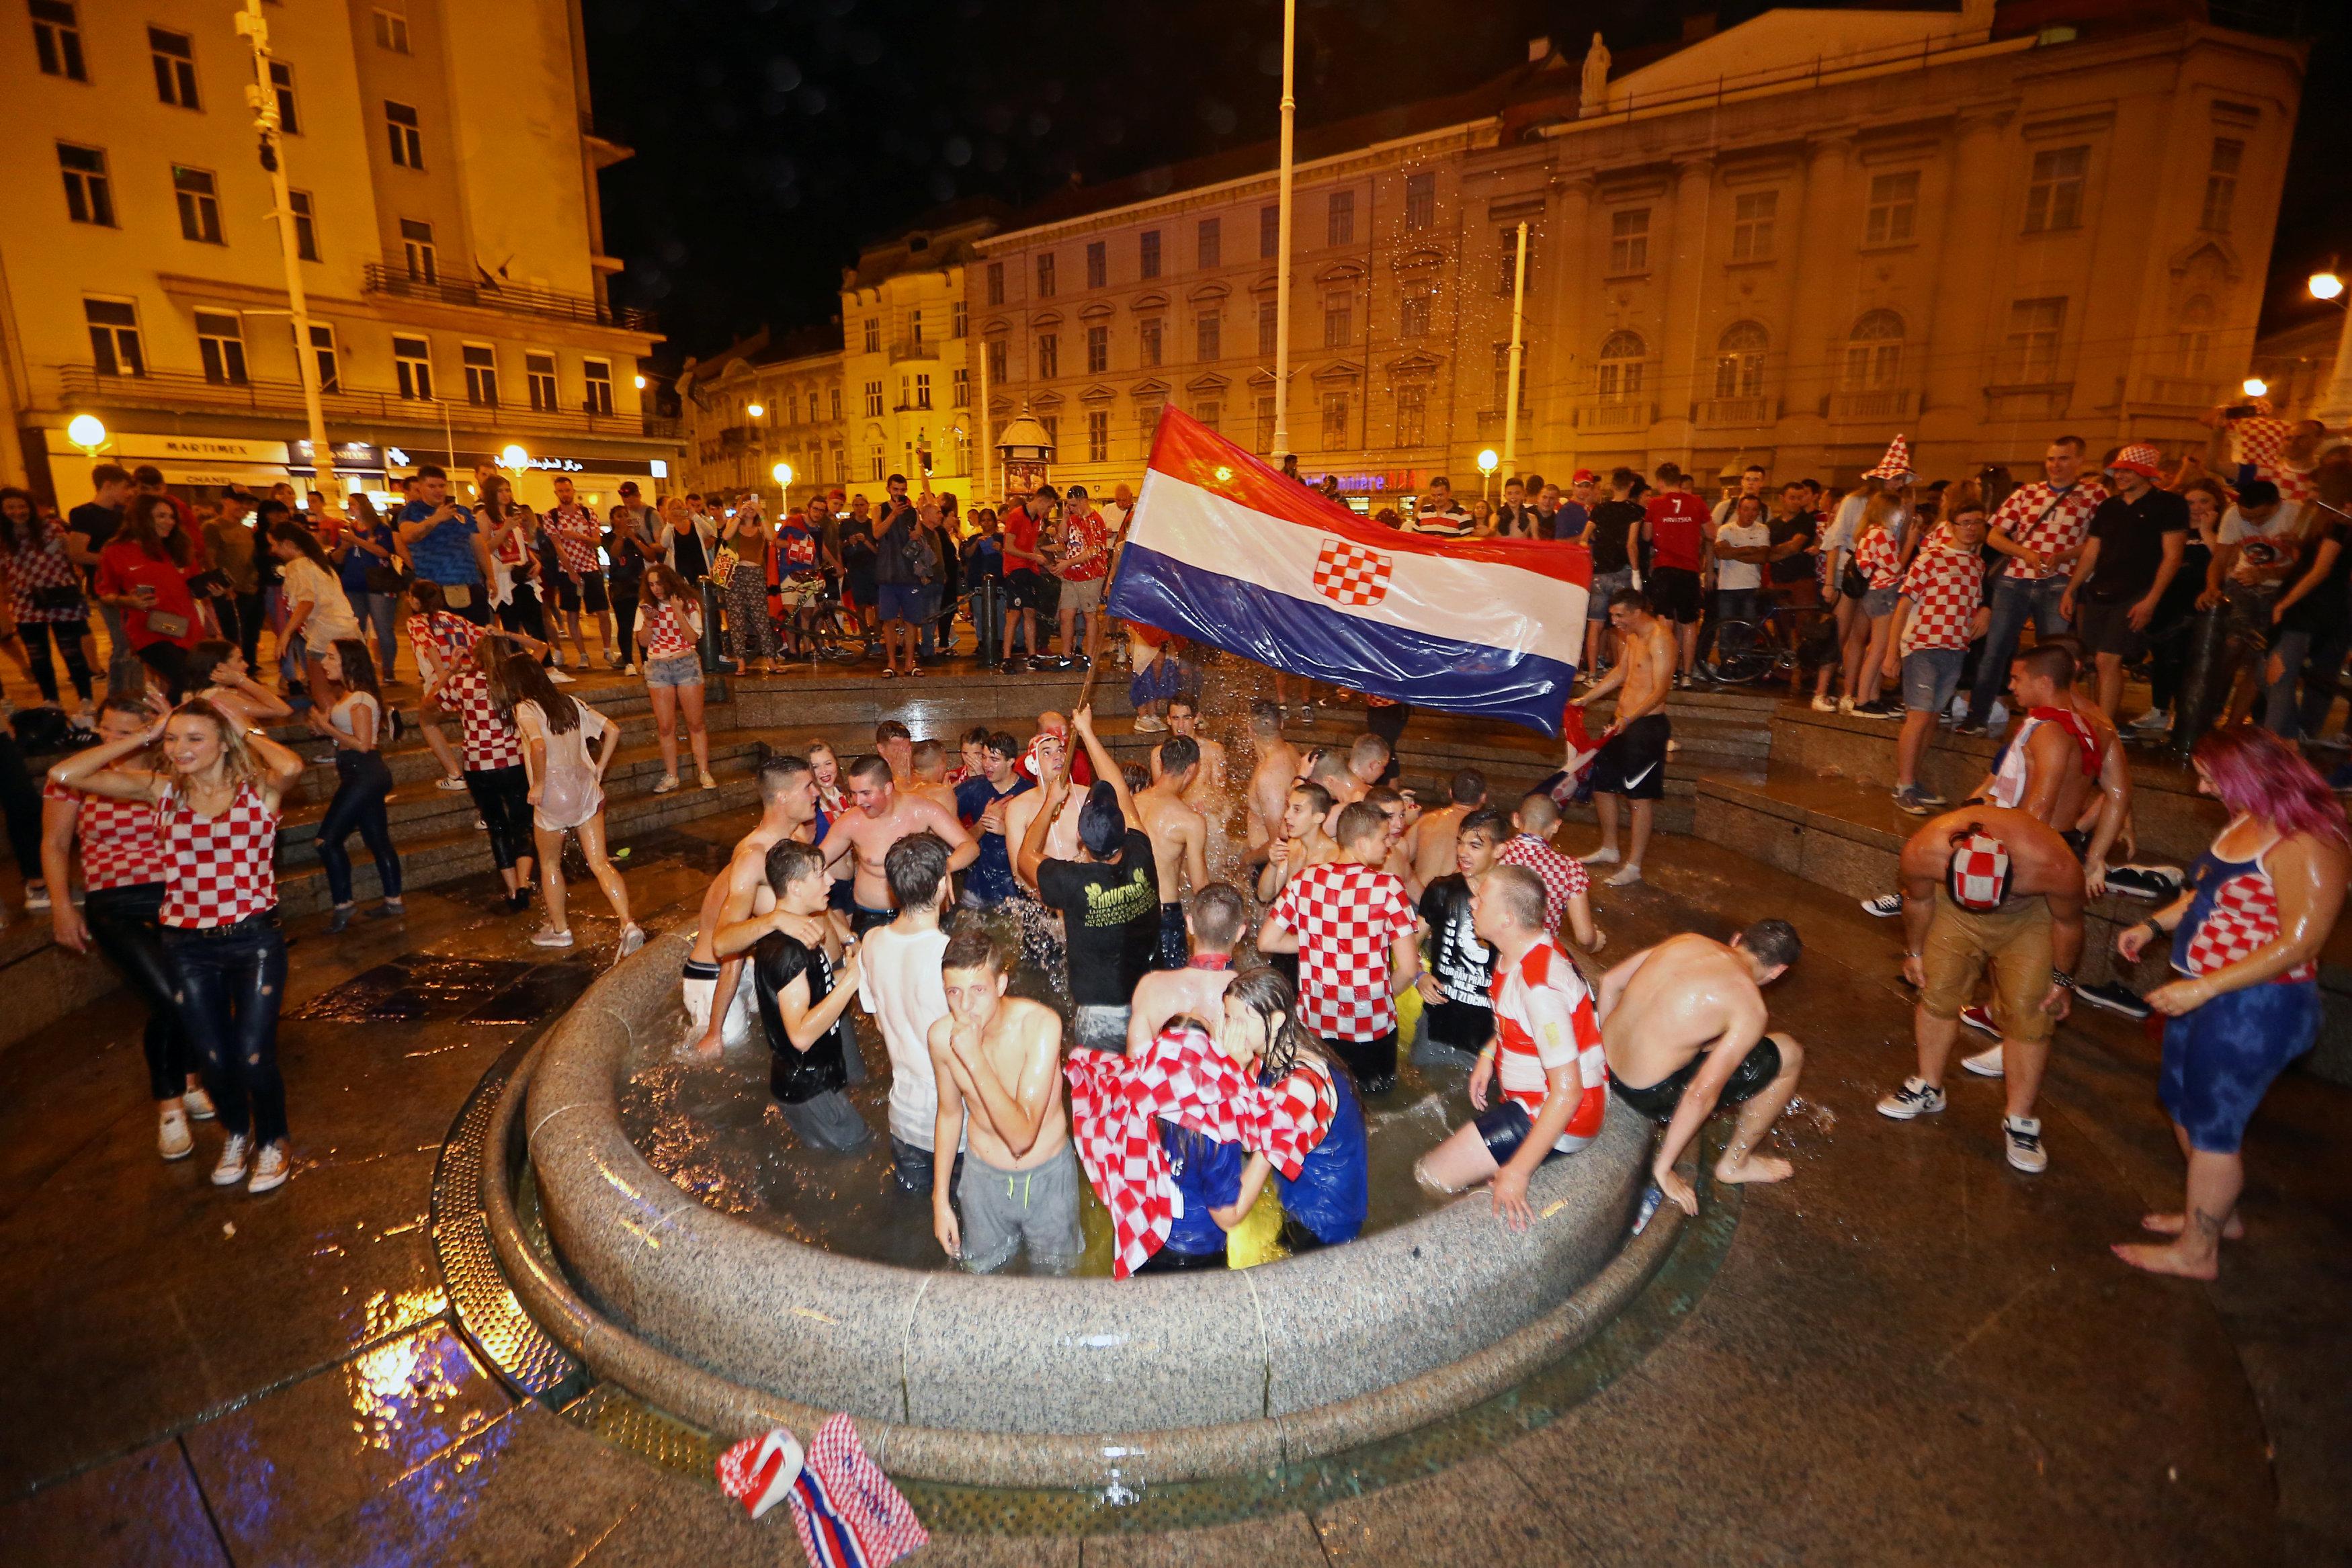 احتفالات منتخب كرواتيا بعد التأهل لنصف نهائي مونديال 2018 (4)